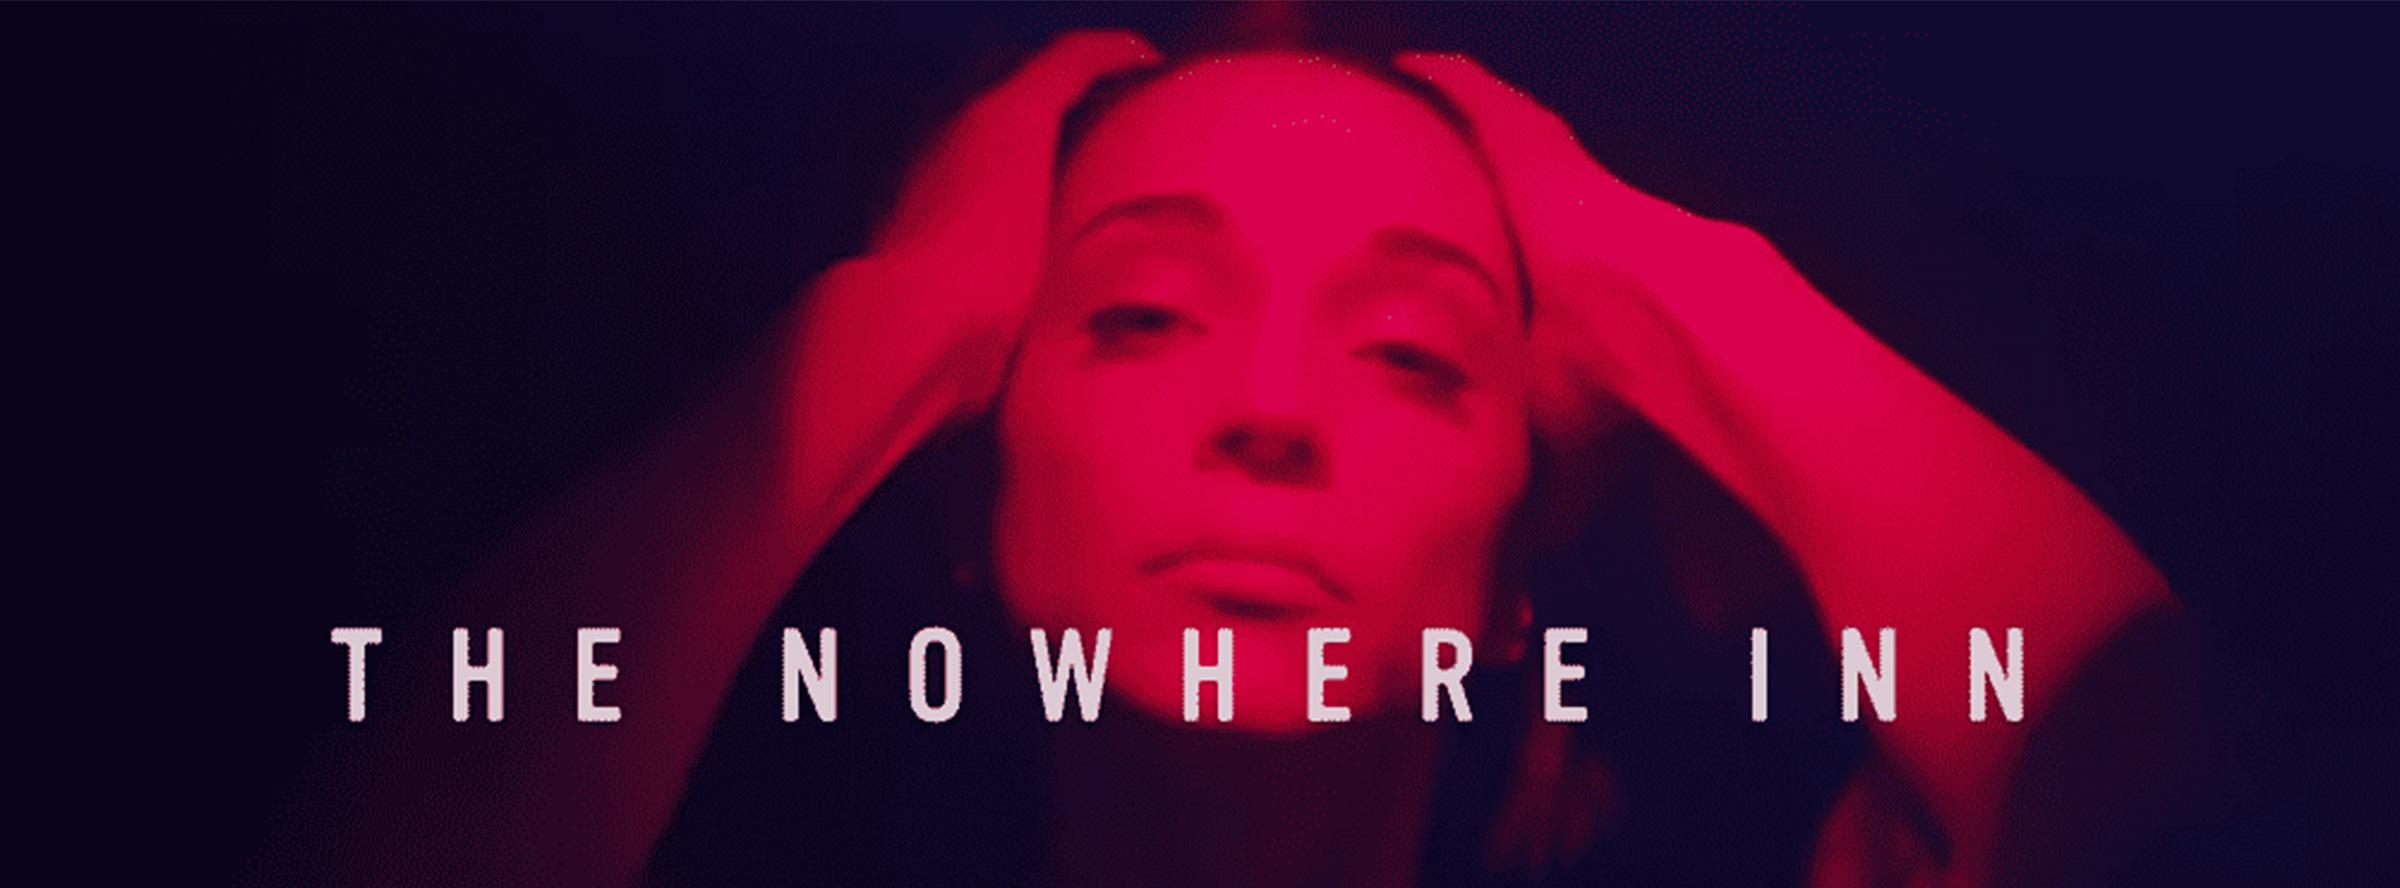 Slider Image for The Nowhere Inn